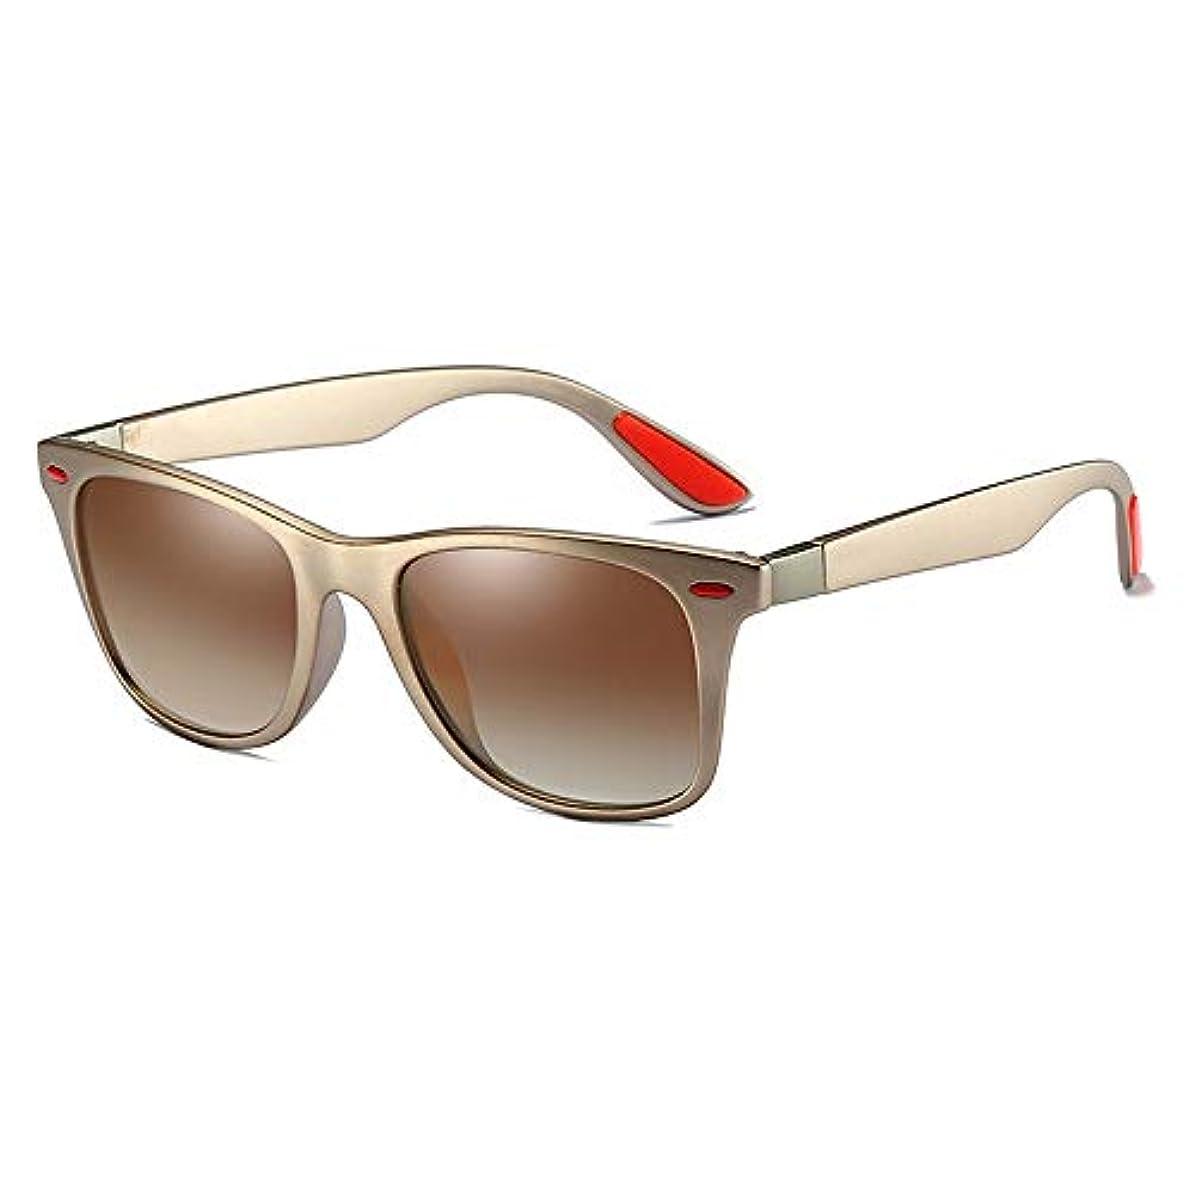 反発傘入射サングラス 超軽量UV400 UVサングラス偏光高精細偏光ユニセックススポーツ偏光サングラス, ファッションサングラス